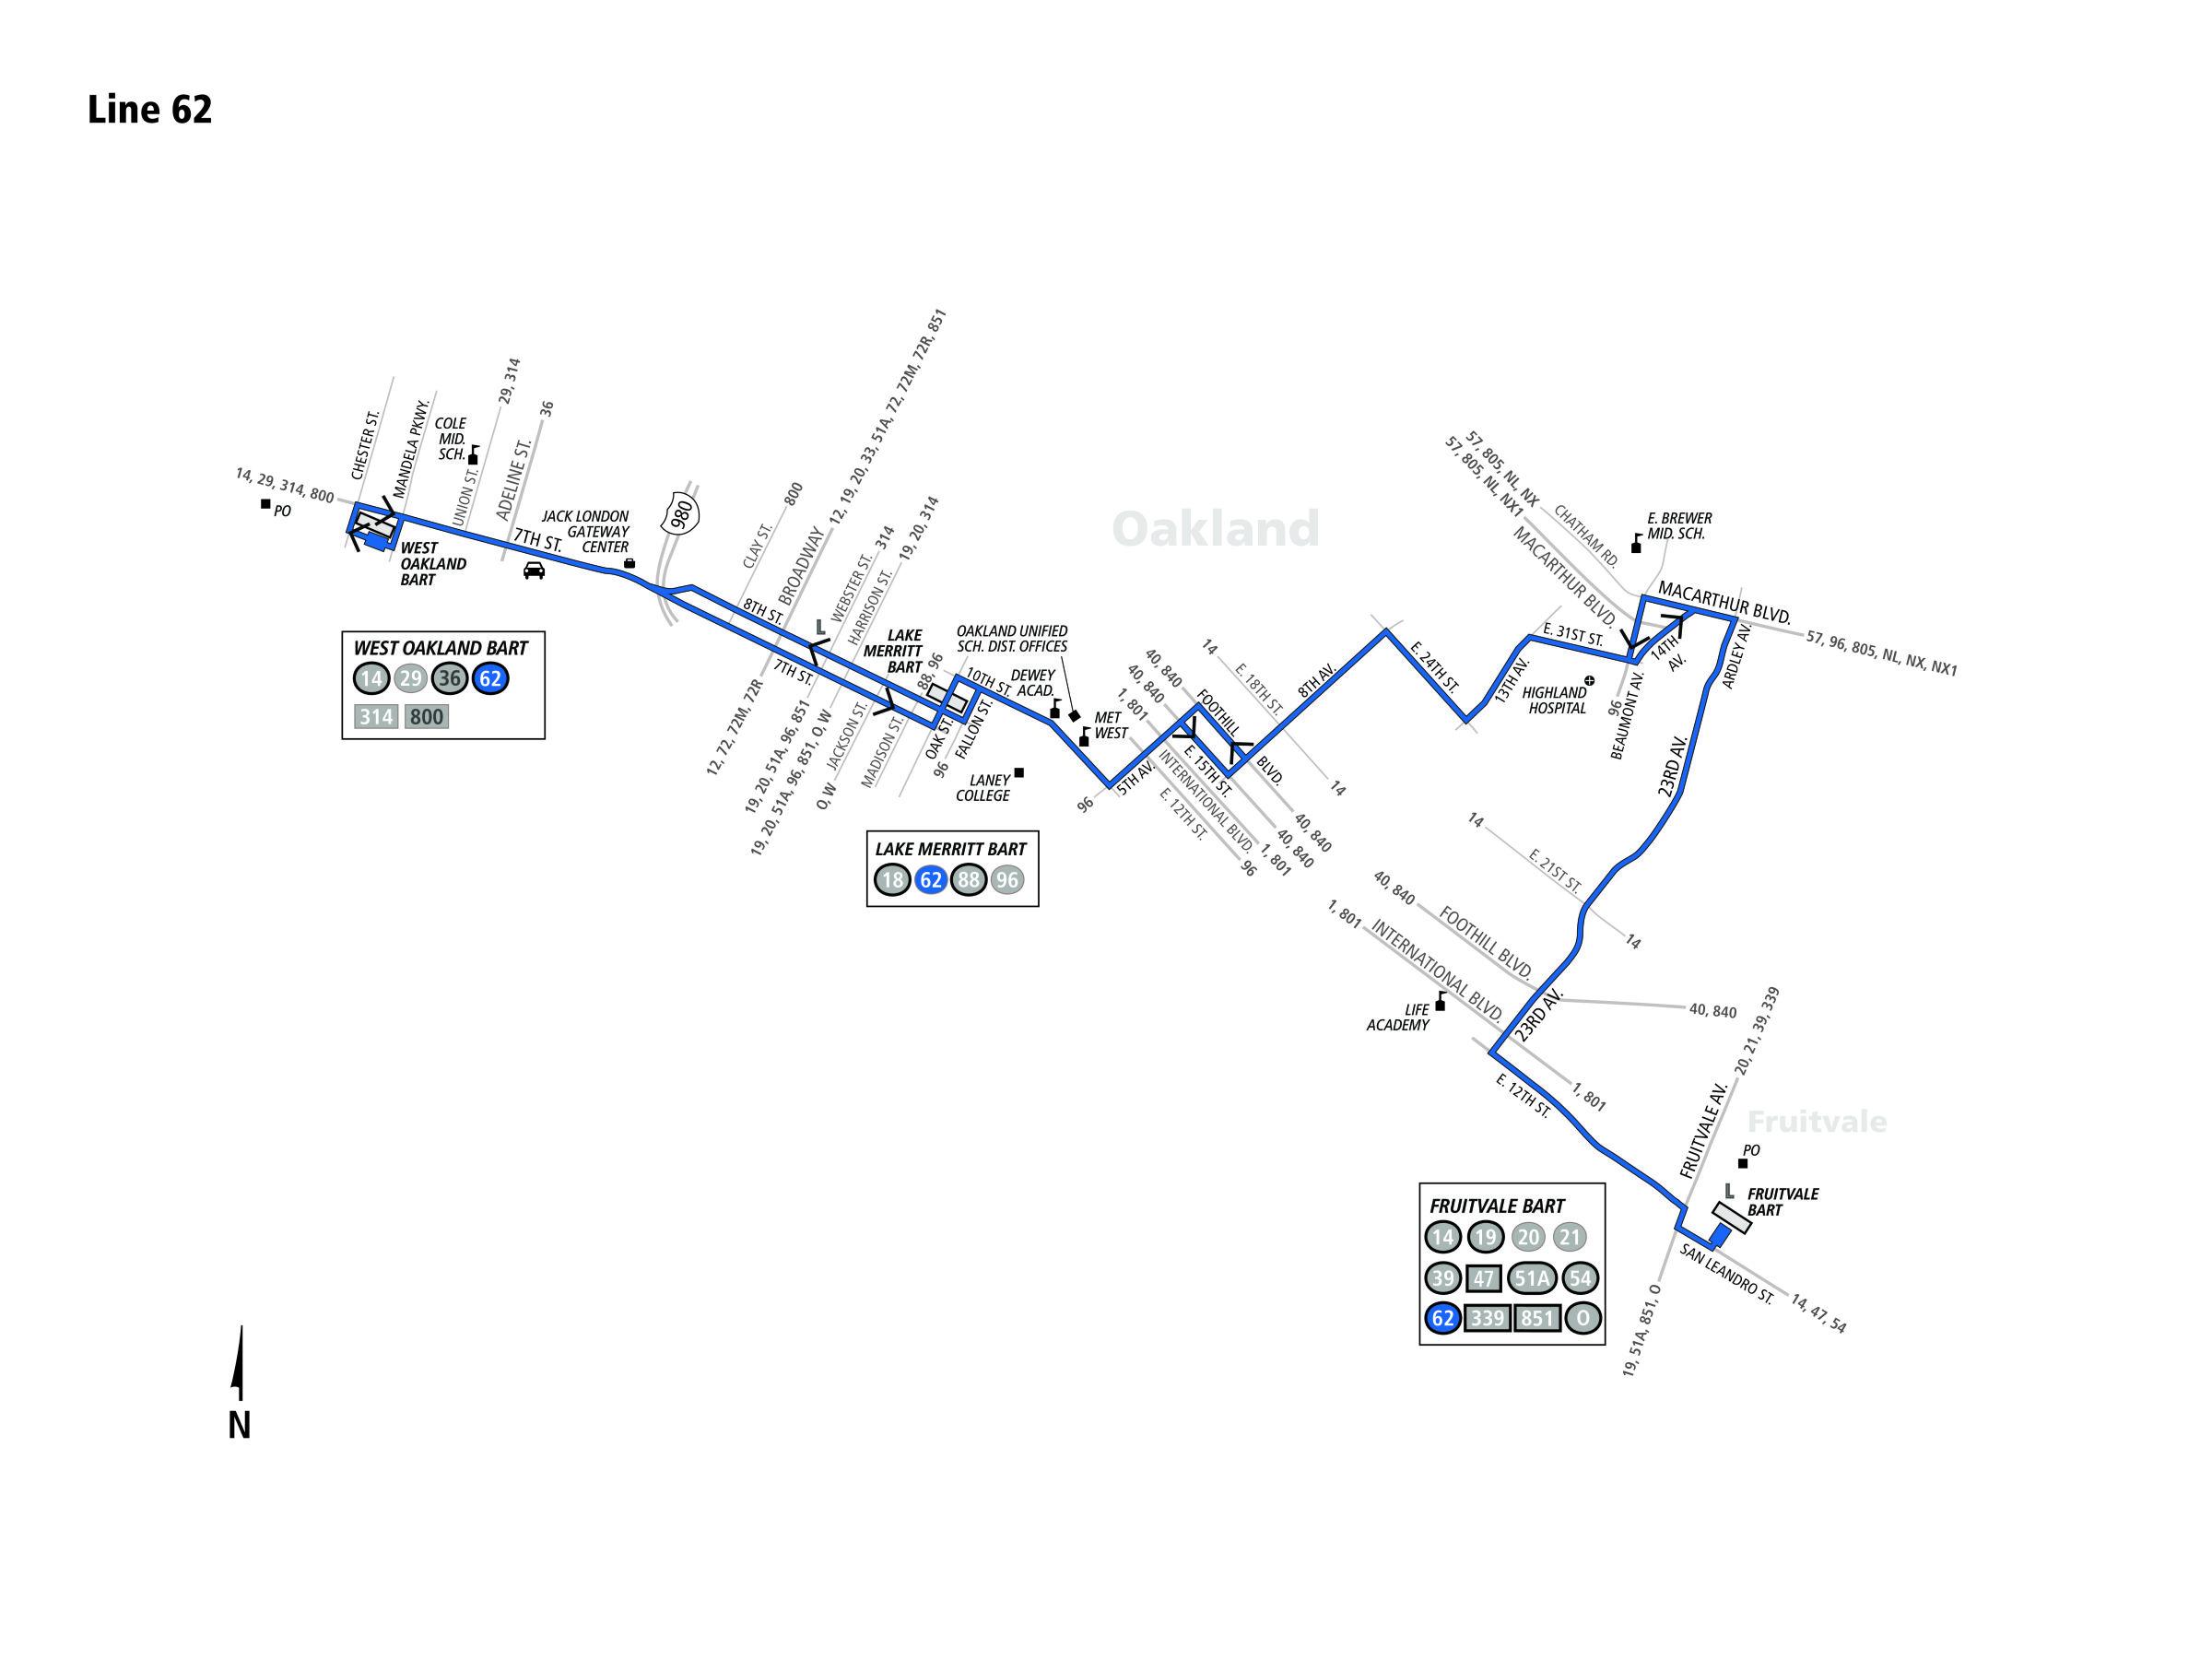 62 Bus Route Ac Transit Sf Bay Transit